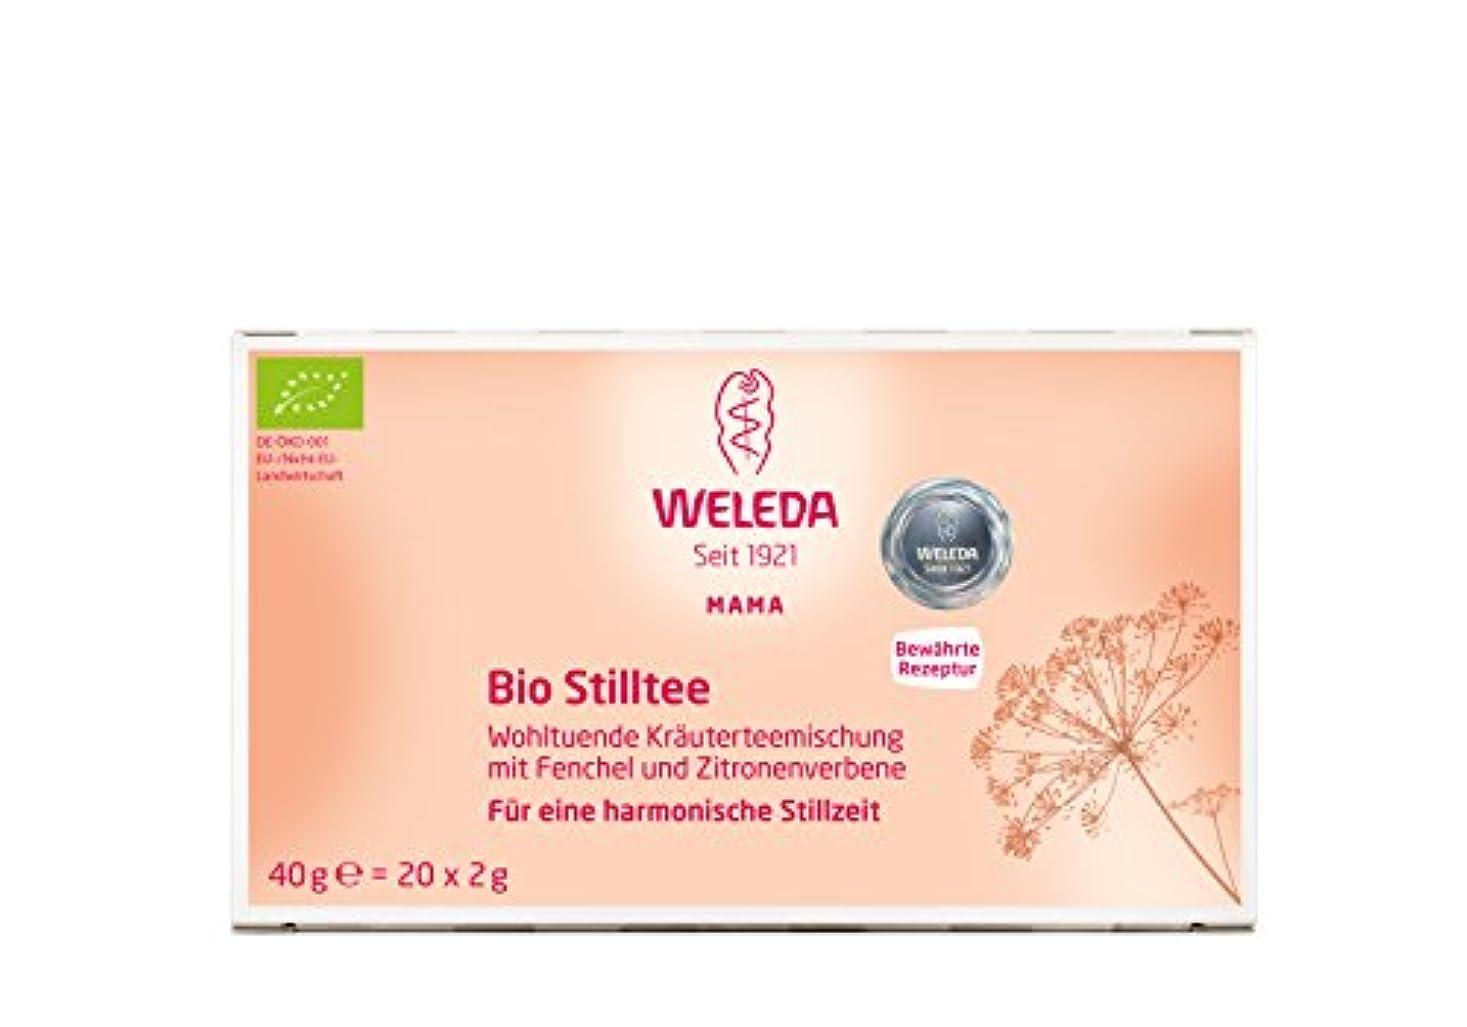 WELEDA(ヴェレダ) マザーズティー 40g (2g×20包) 【ハーブティー?授乳期のママに?水分補給やリラックスしたいときに】